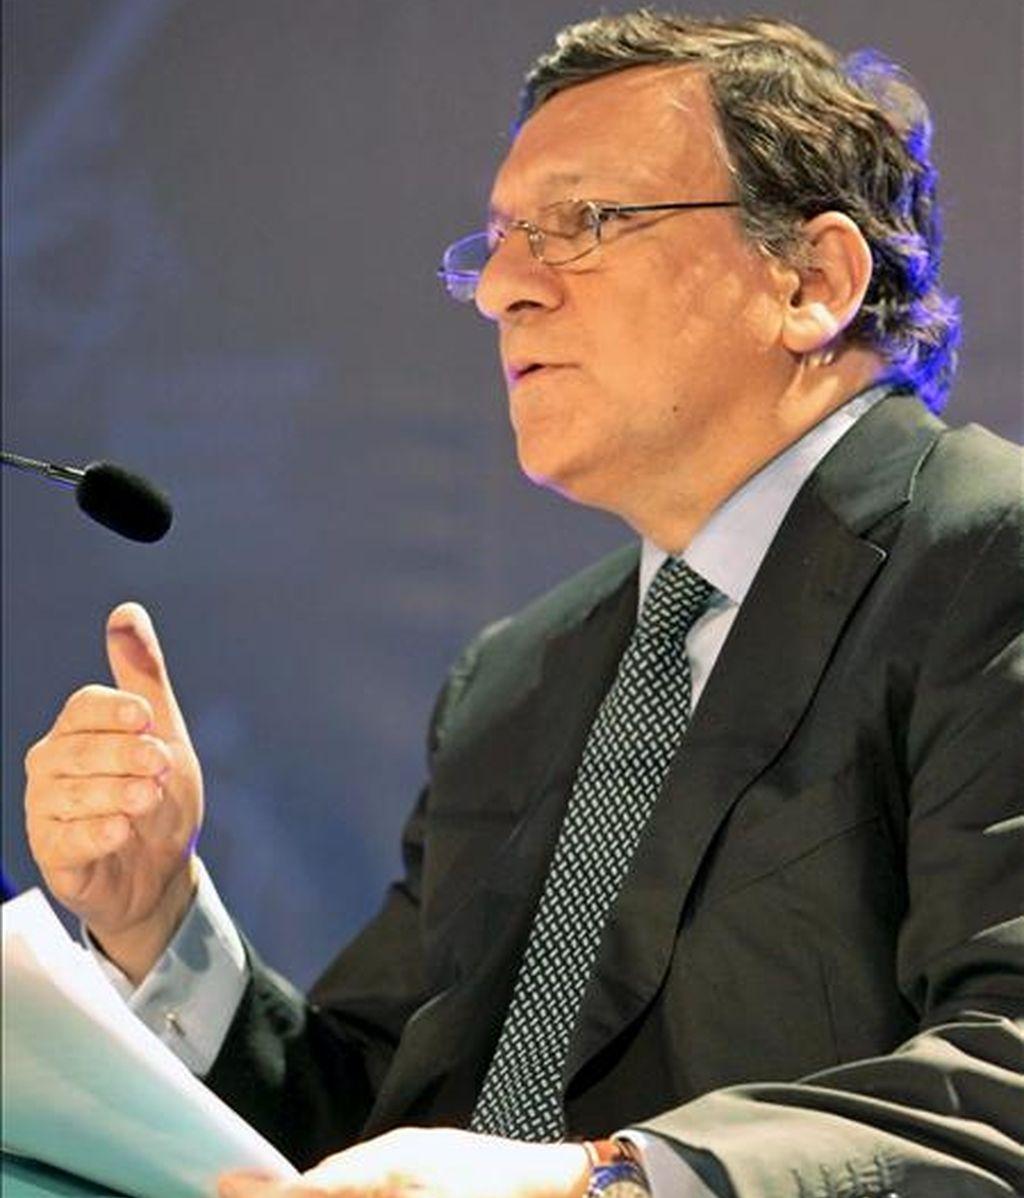 El presidente de la CE, José Manuel Durao Barroso. EFE/Archivo